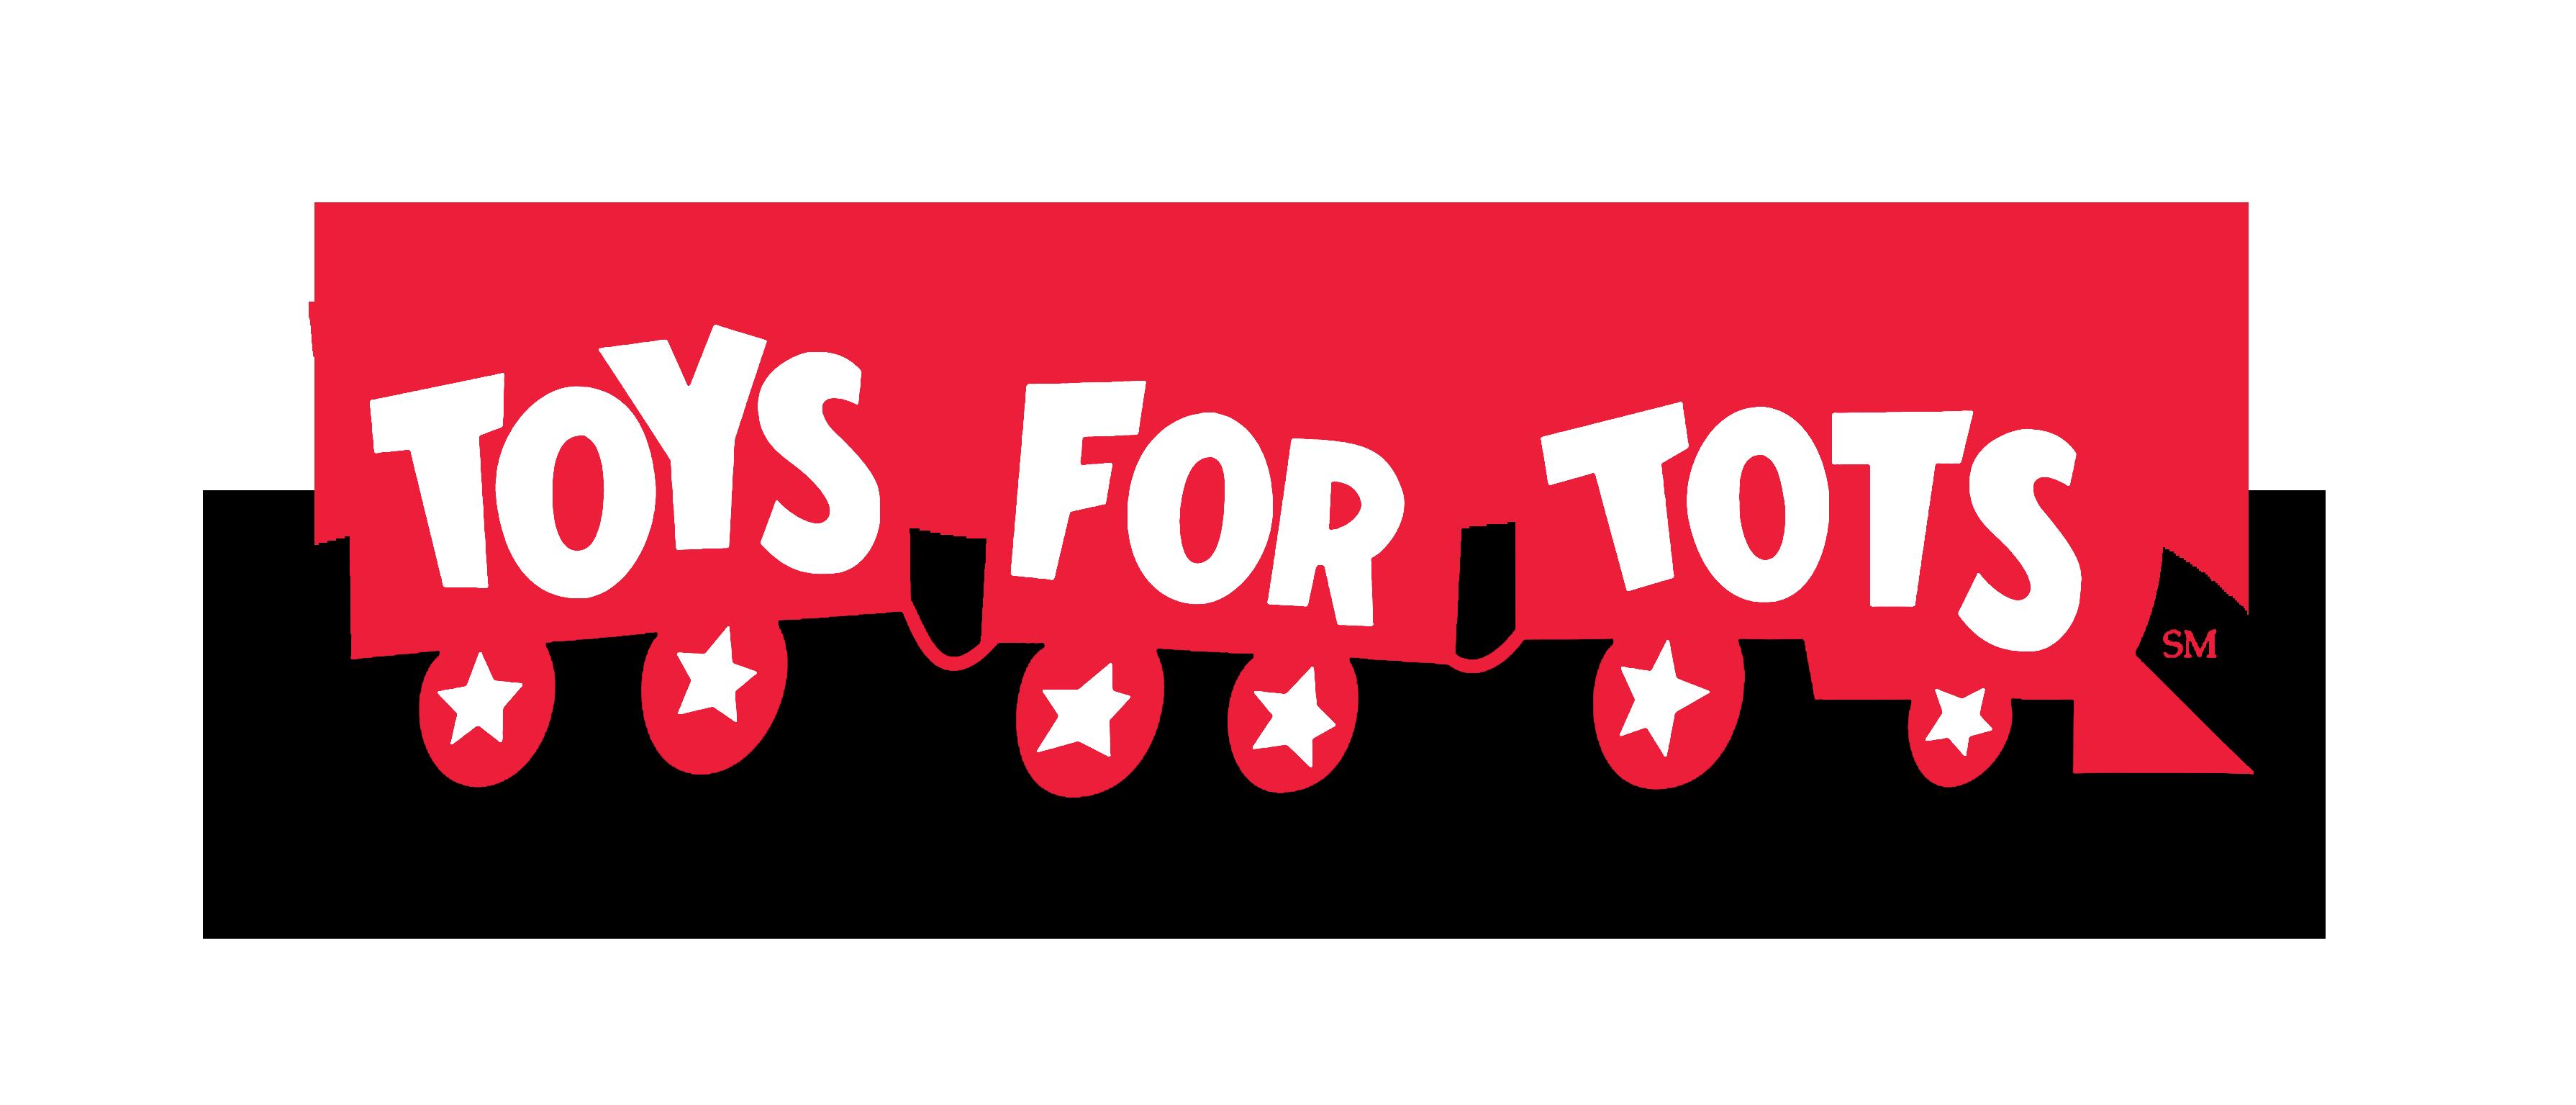 Sidelines_ToysForTots_Poster-toys logo.png